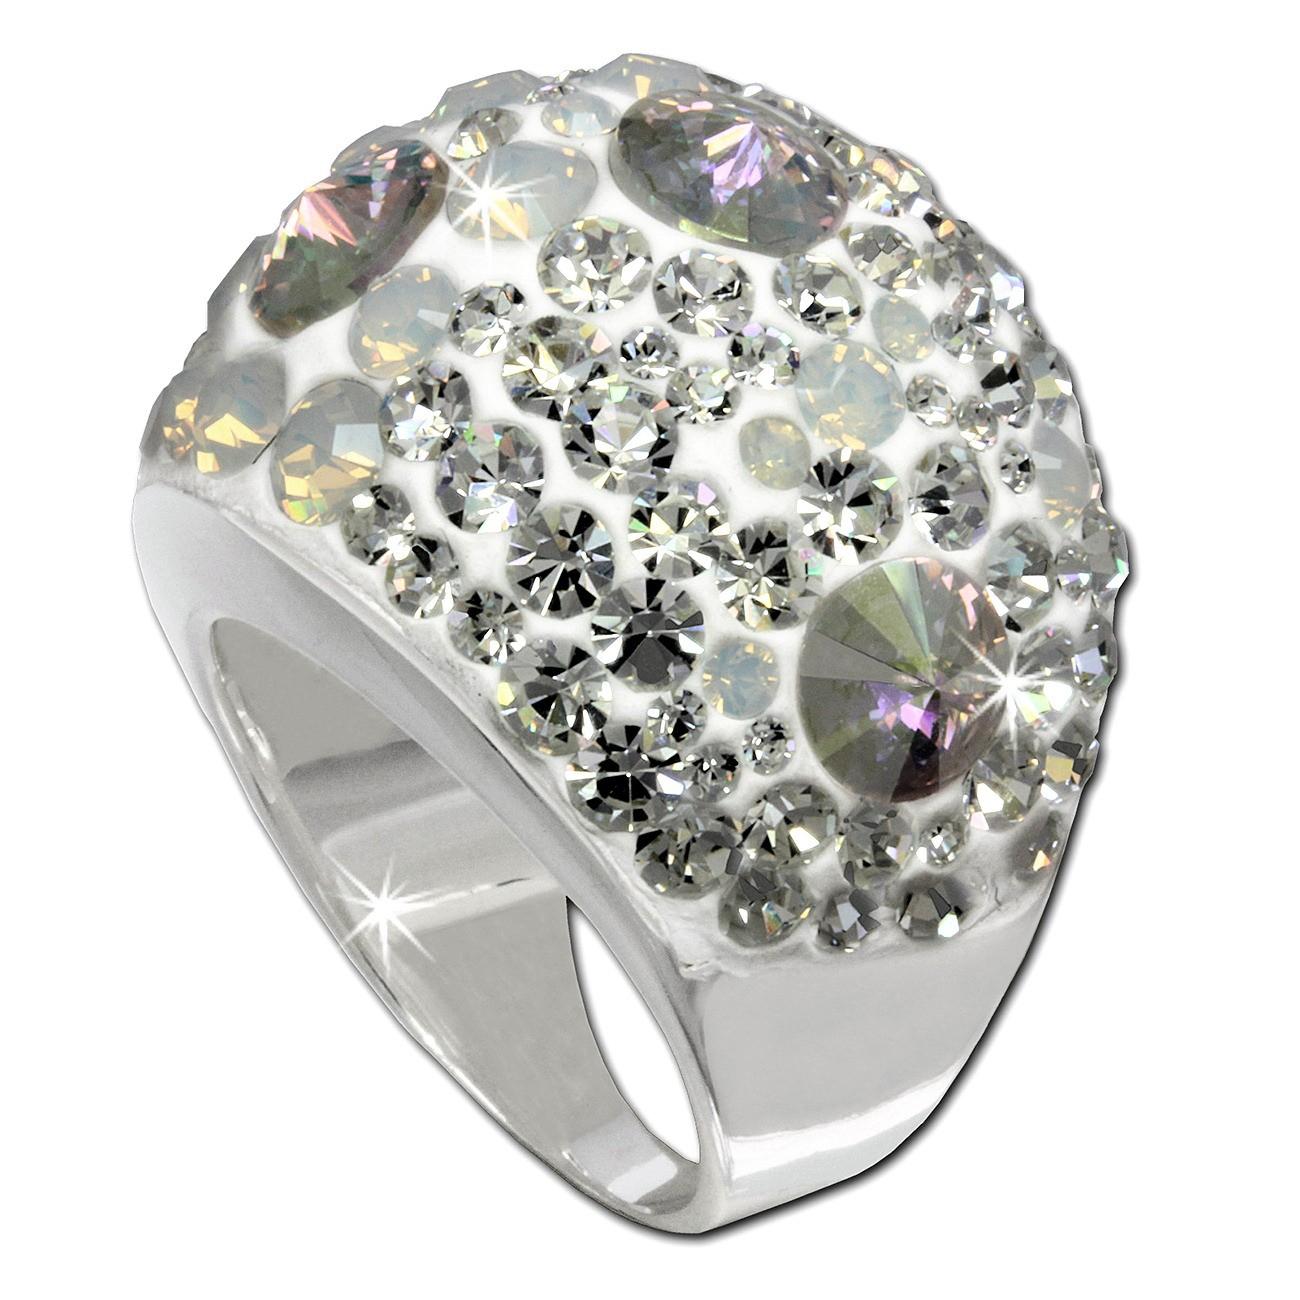 SilberDream Ring Glamour Zirkonia Gr.19 925er Silber SDR014W9